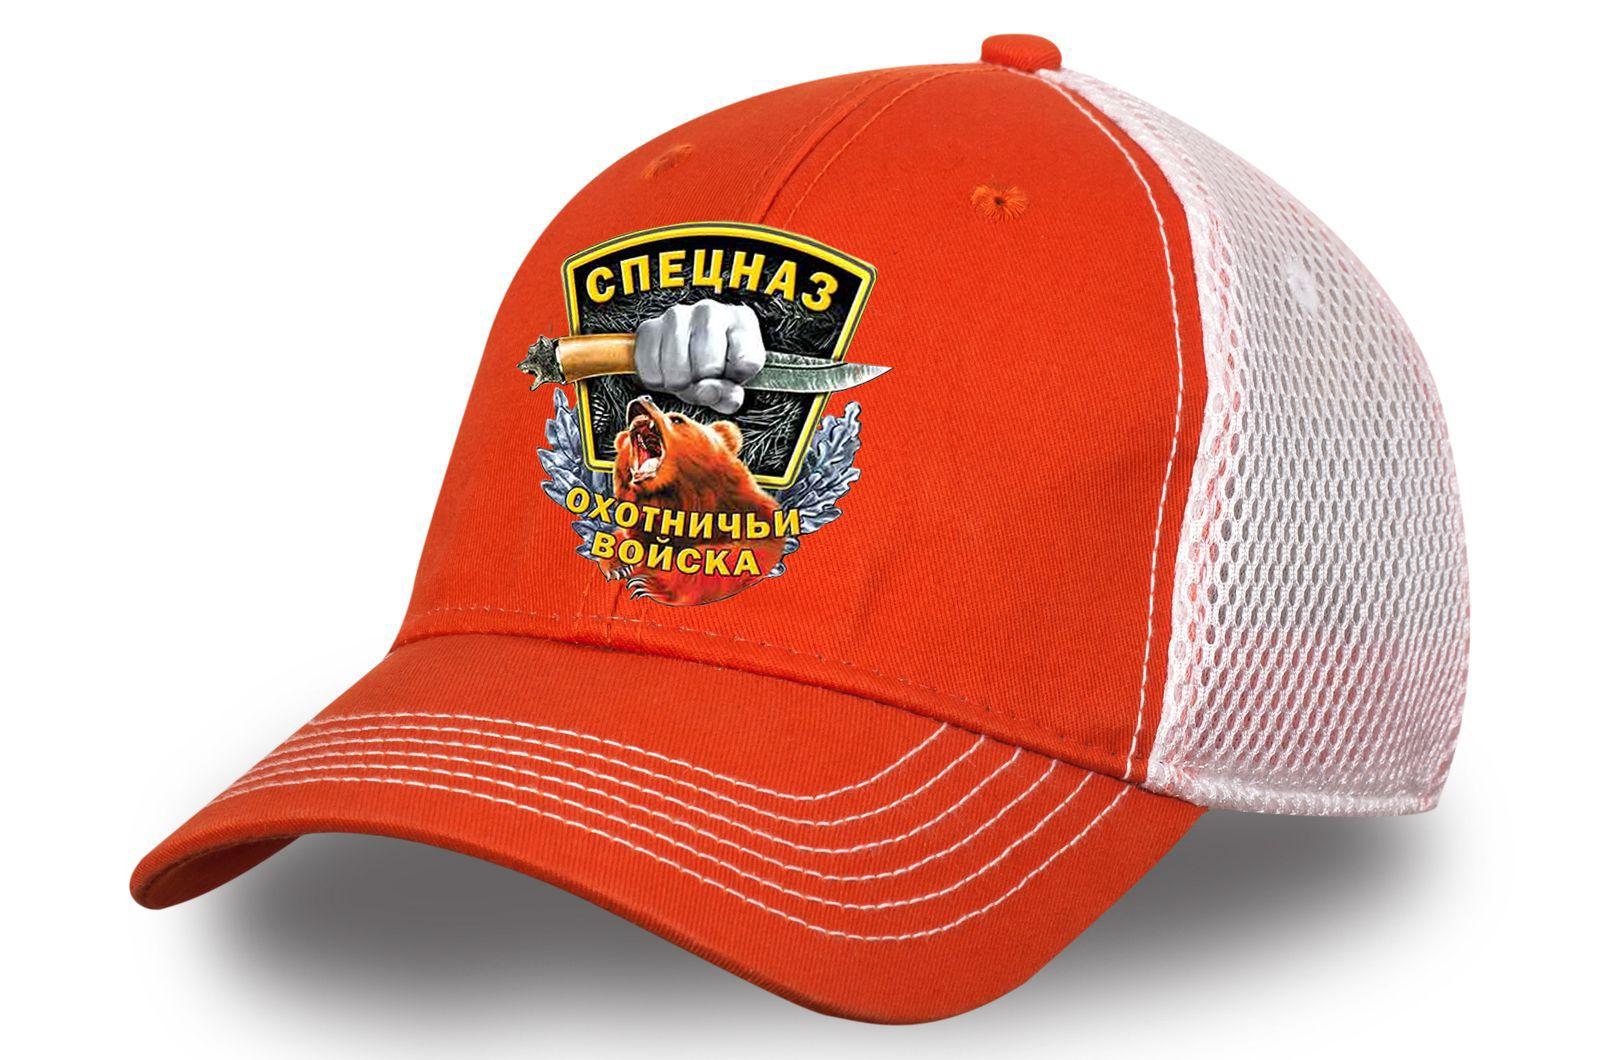 Бейсболка Охотничьего спецназа - купить недорого с доставкой